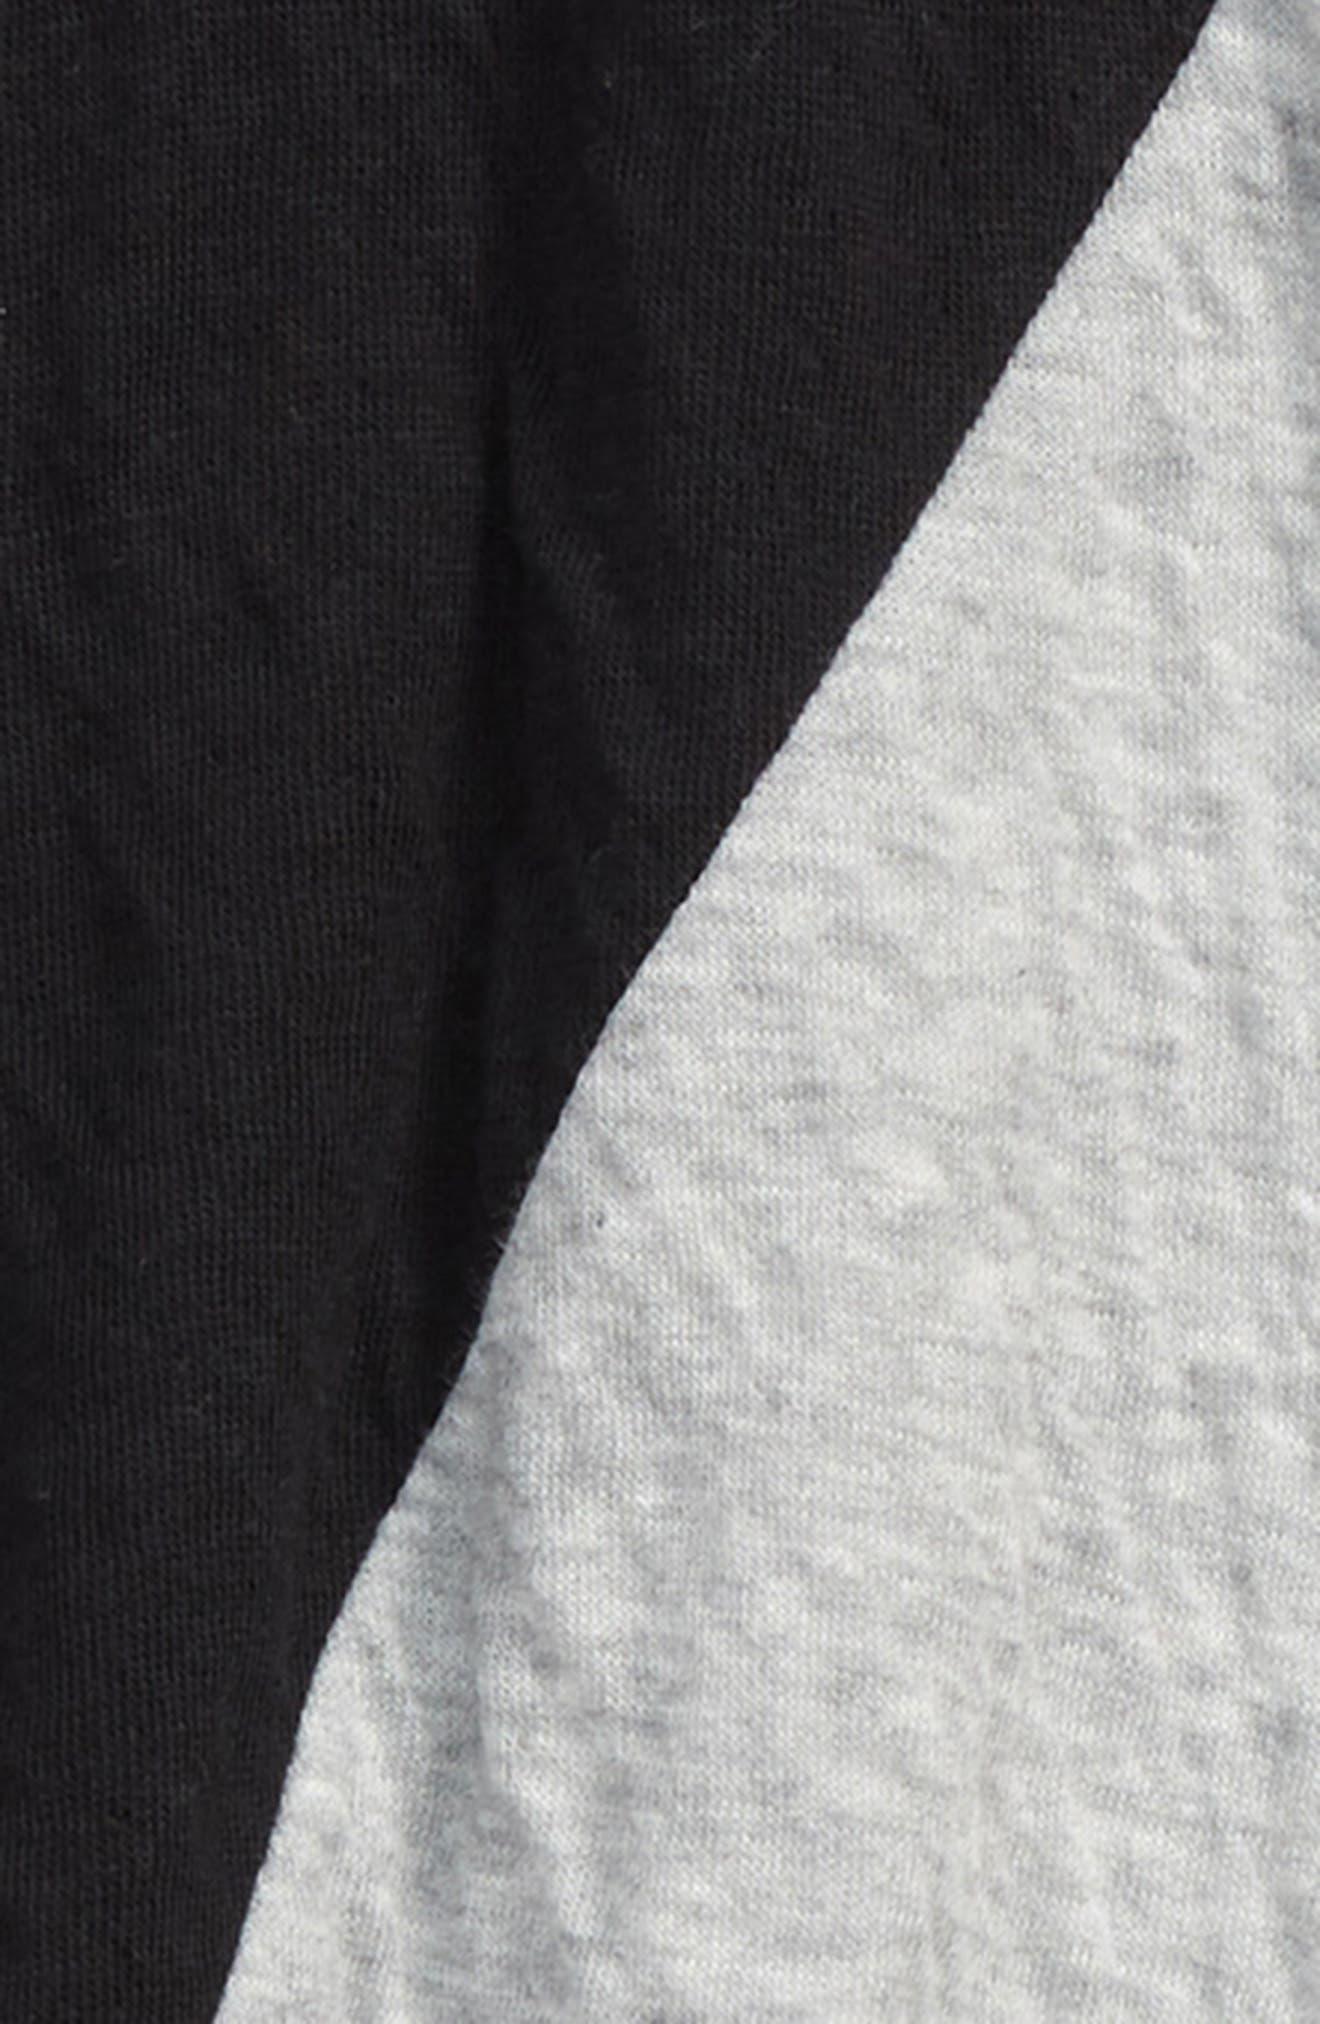 Colorblock Baggy Pants,                             Alternate thumbnail 2, color,                             001